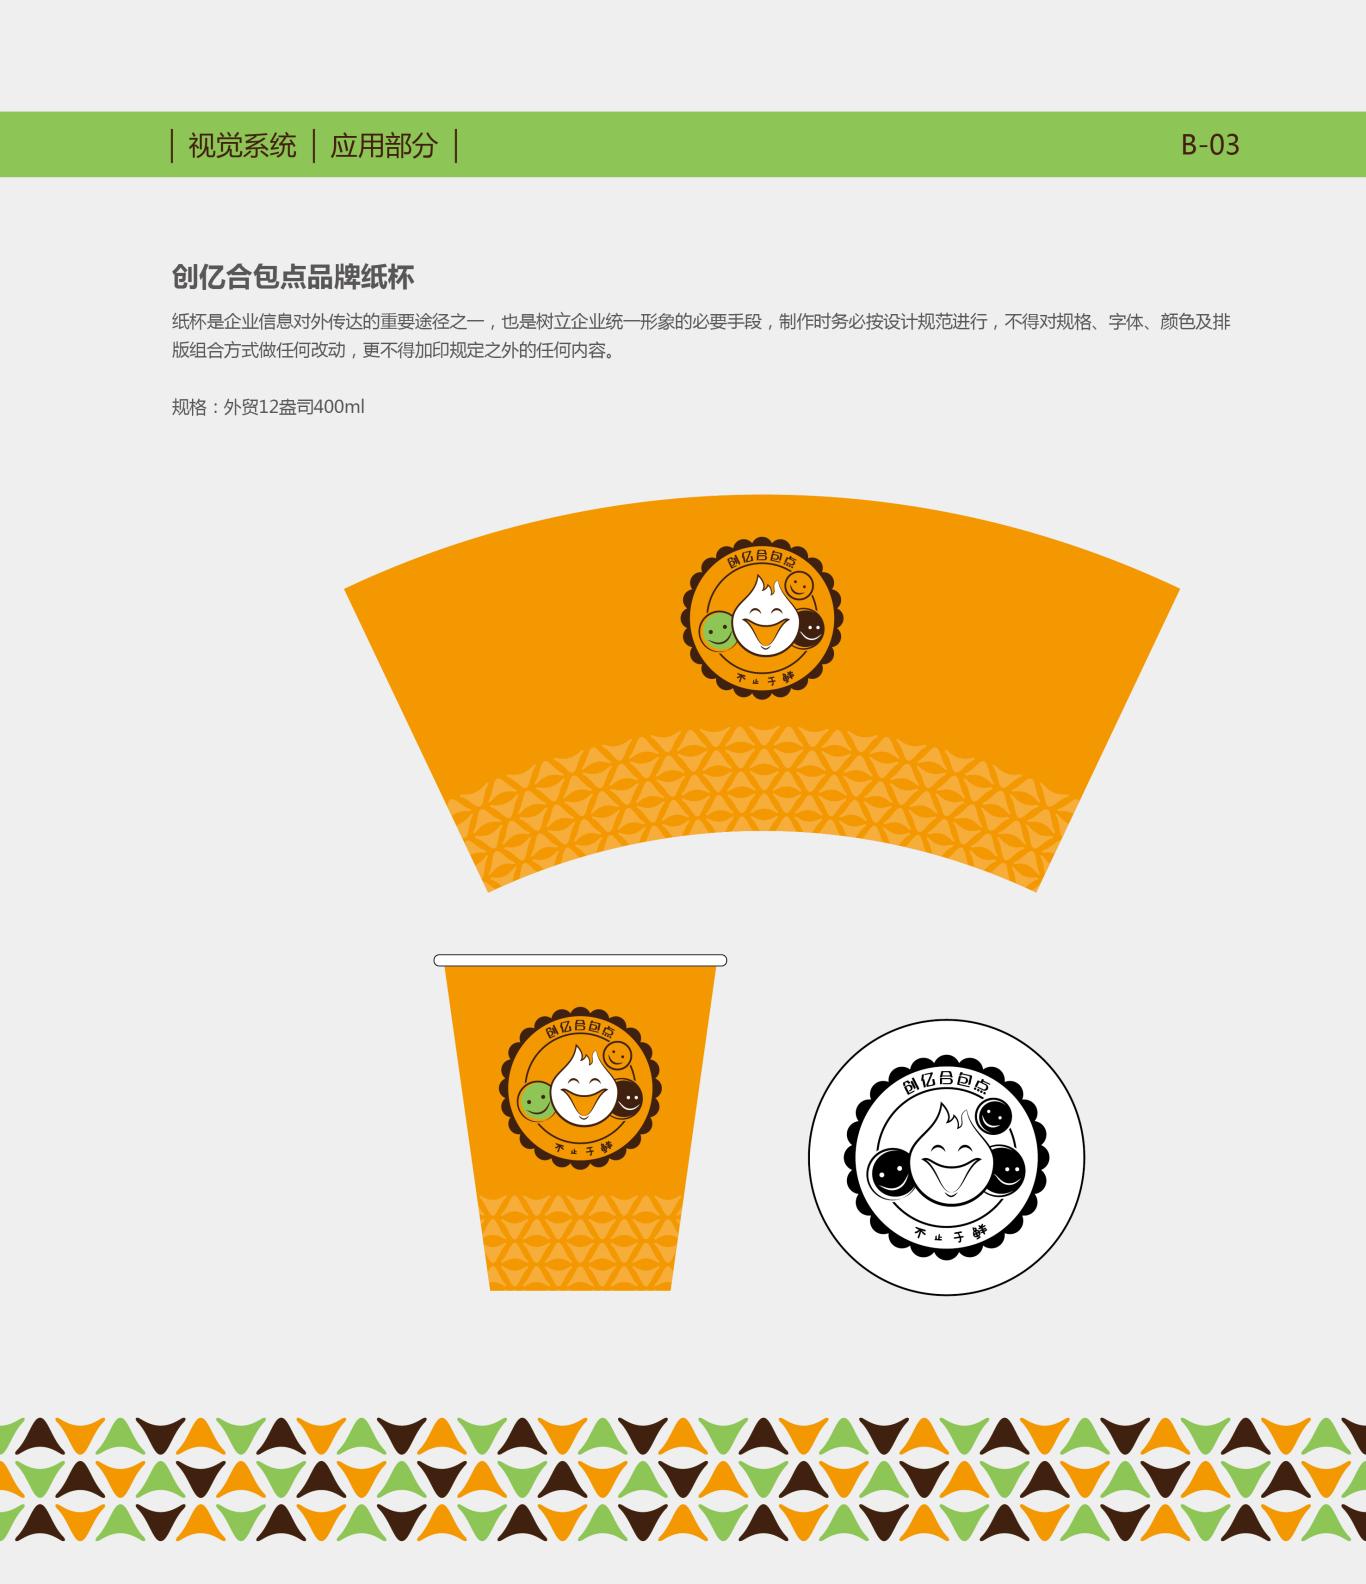 锐晟设计成功案例—创亿和包点VI图29